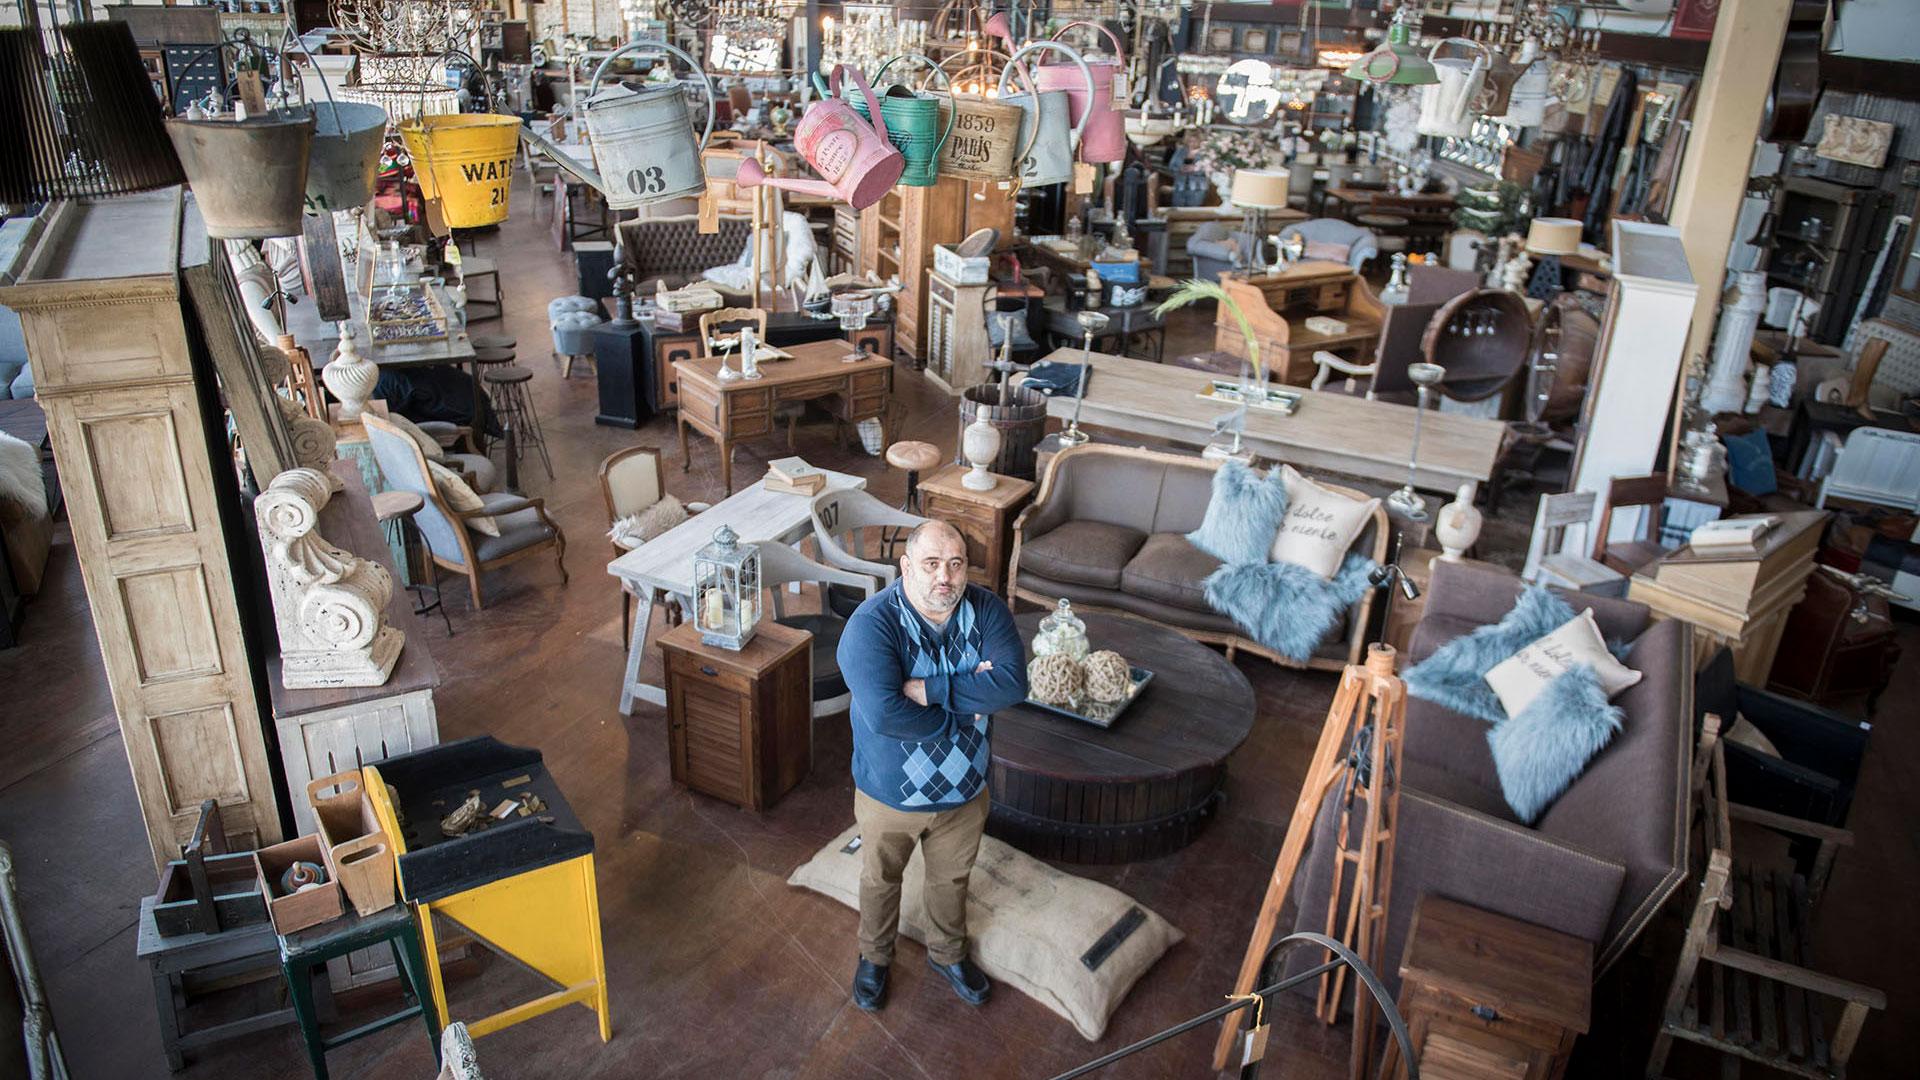 Diego González, uno de los dueños de Antigüedades González, en la planta baja de su tienda. Sillones, regaderas colgando del techo, almohadones de peluche, juegos antiguos y esculturas se pueden ver a lo largo y a lo ancho del anticuario